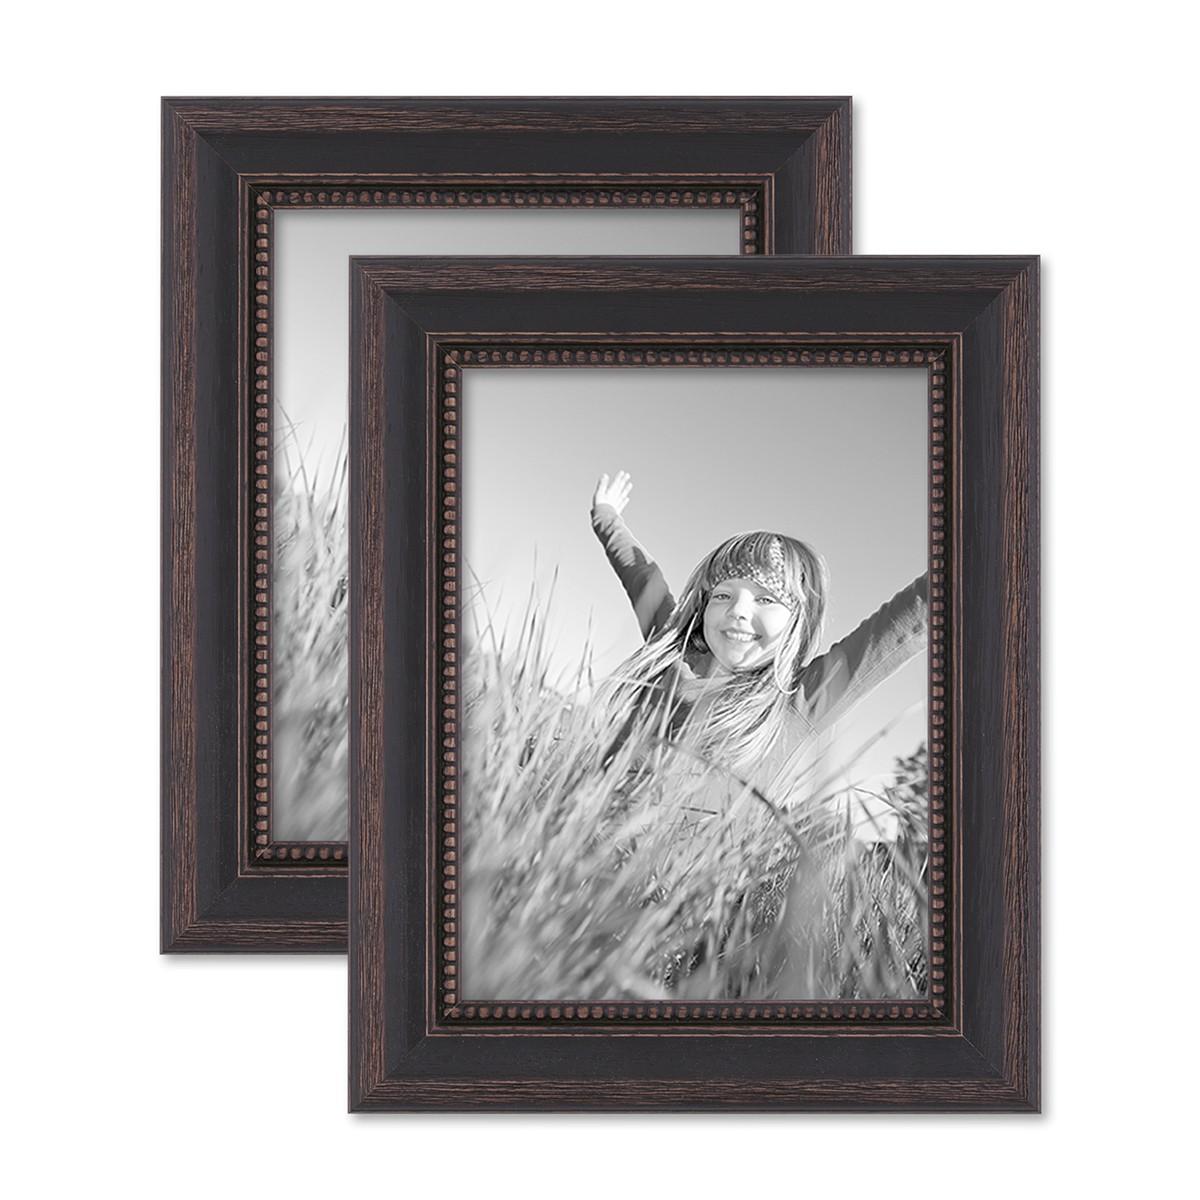 2er Set Bilderrahmen 15x20 Cm Shabby Chic Landhaus Stil Dunkelbraun  Massivholz Mit Glasscheibe Und